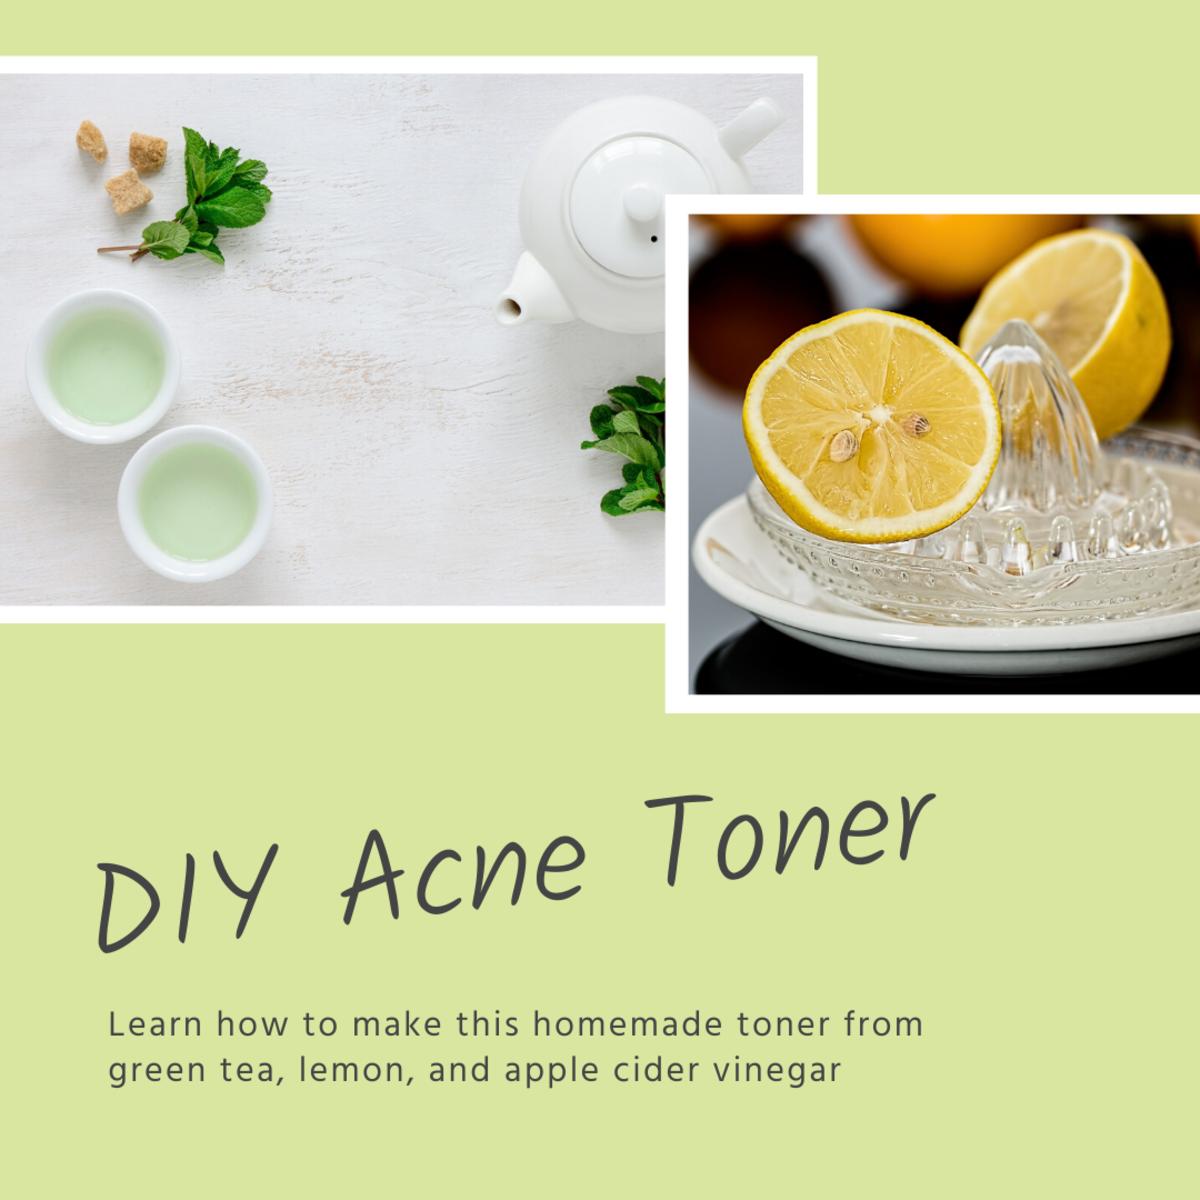 DIY Green Tea and Lemon Acne Toner